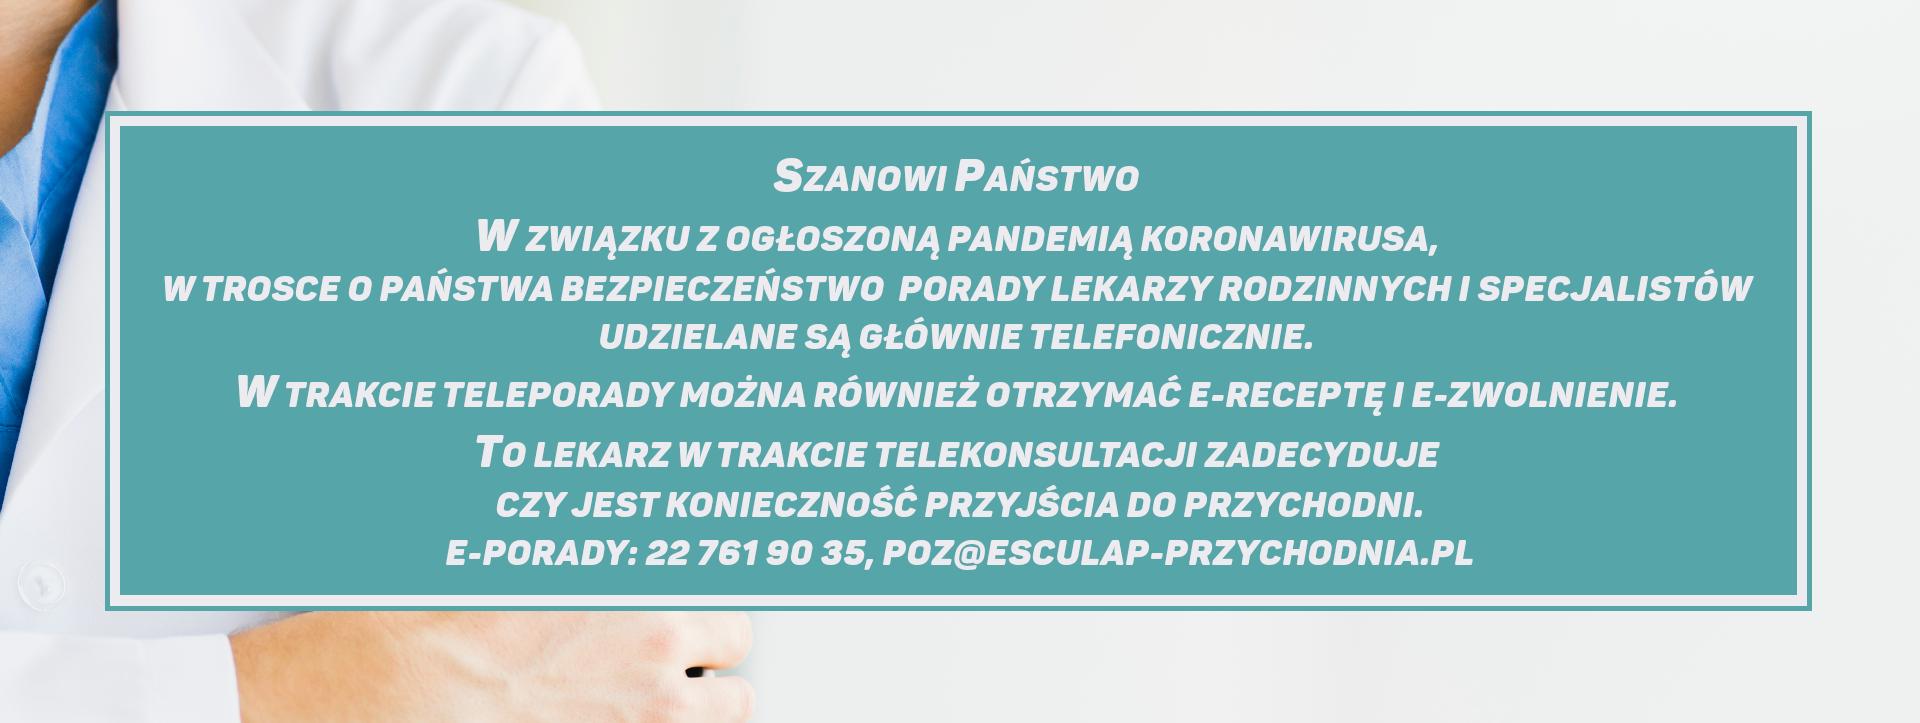 https://esculap-przychodnia.pl/wp-content/uploads/2020/03/slajder_glowna_Koronawirus3-1.png